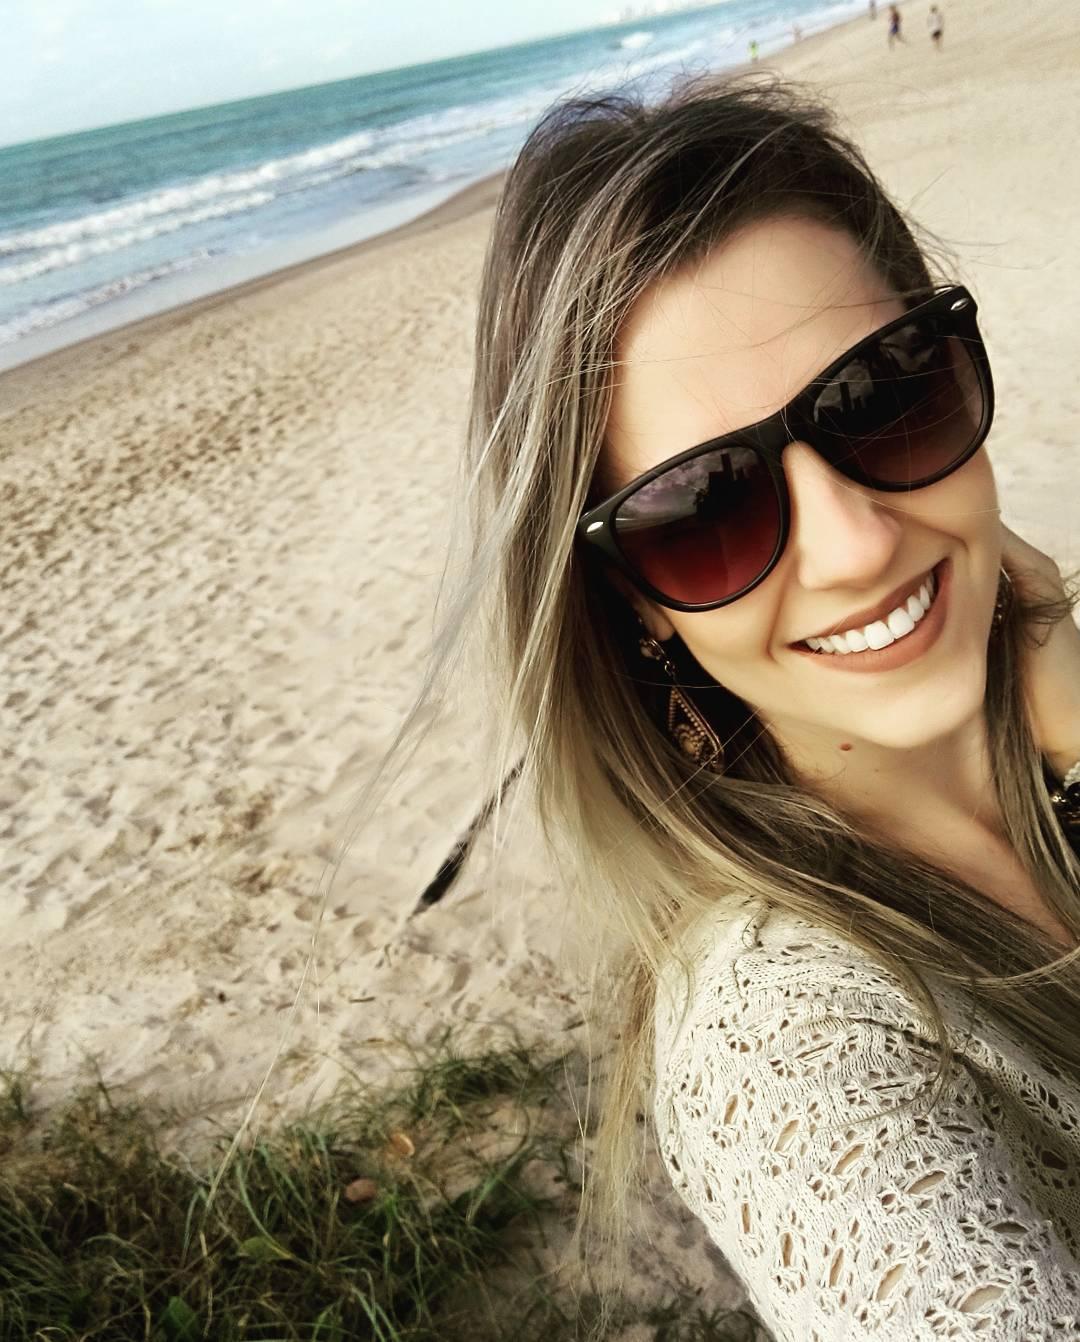 update whatsapp girl phone number: Brazilian online girls